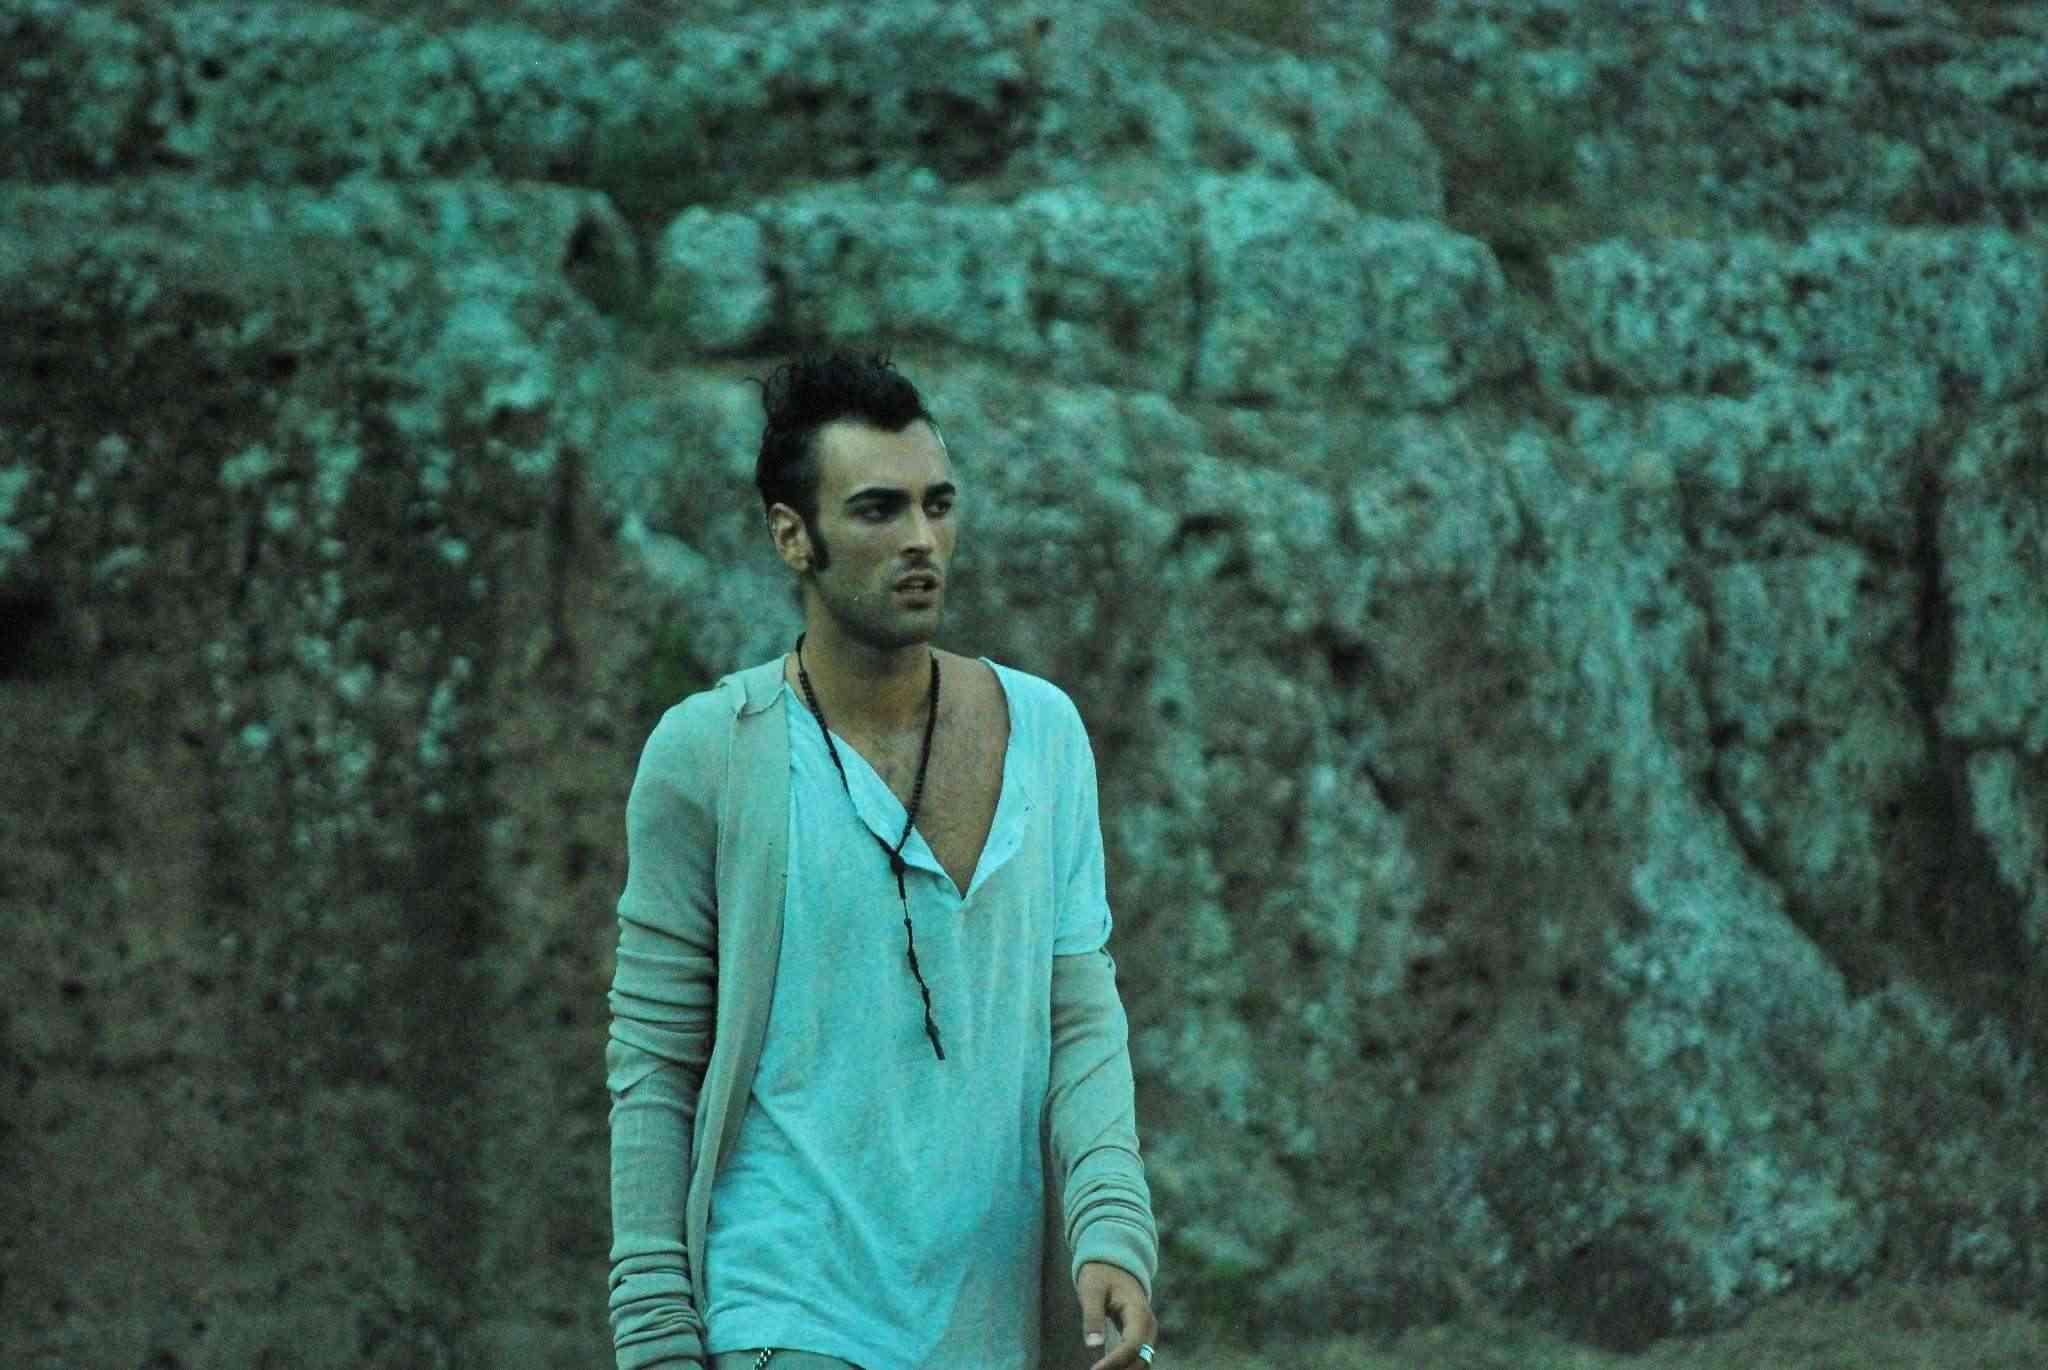 """Marco Mengoni - News sul nuovo album """"Solo 2.0"""" In arrivo il 27 settembre - Pagina 2 32531510"""